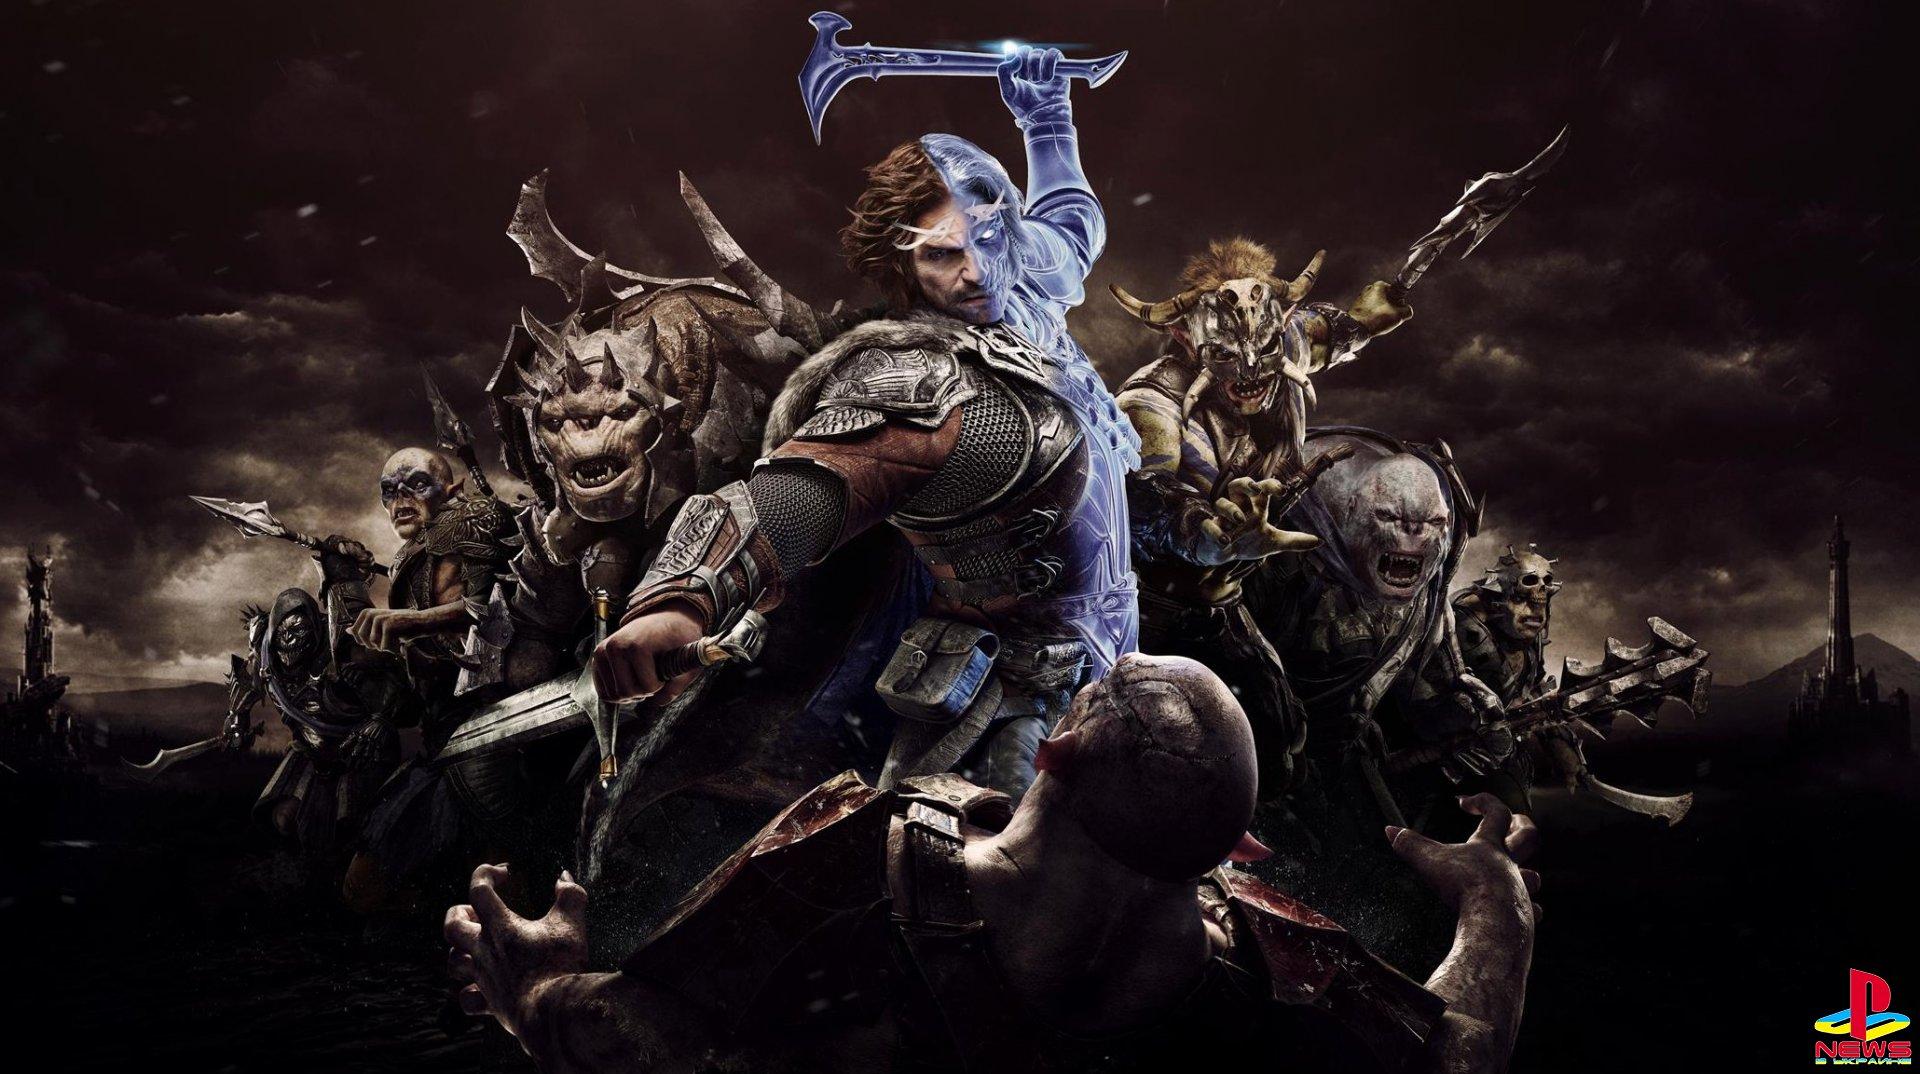 Менеджер Monolith прокомментировал введение микротранзакций в Middle-Earth: Shadow of War